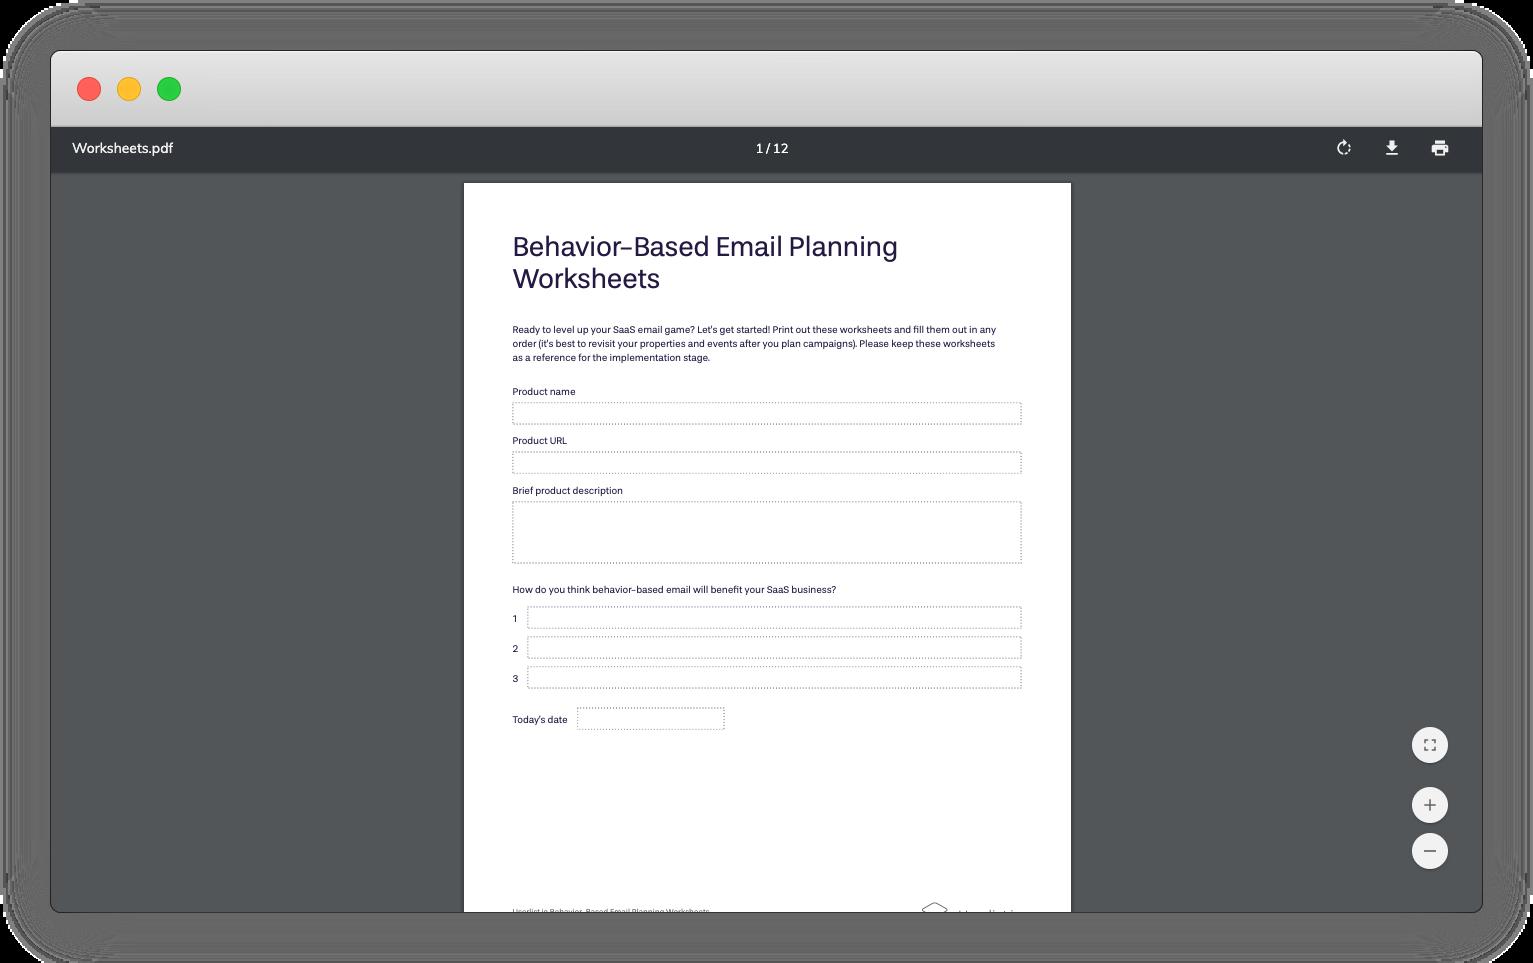 Userlist's behavior-based email planning worksheet